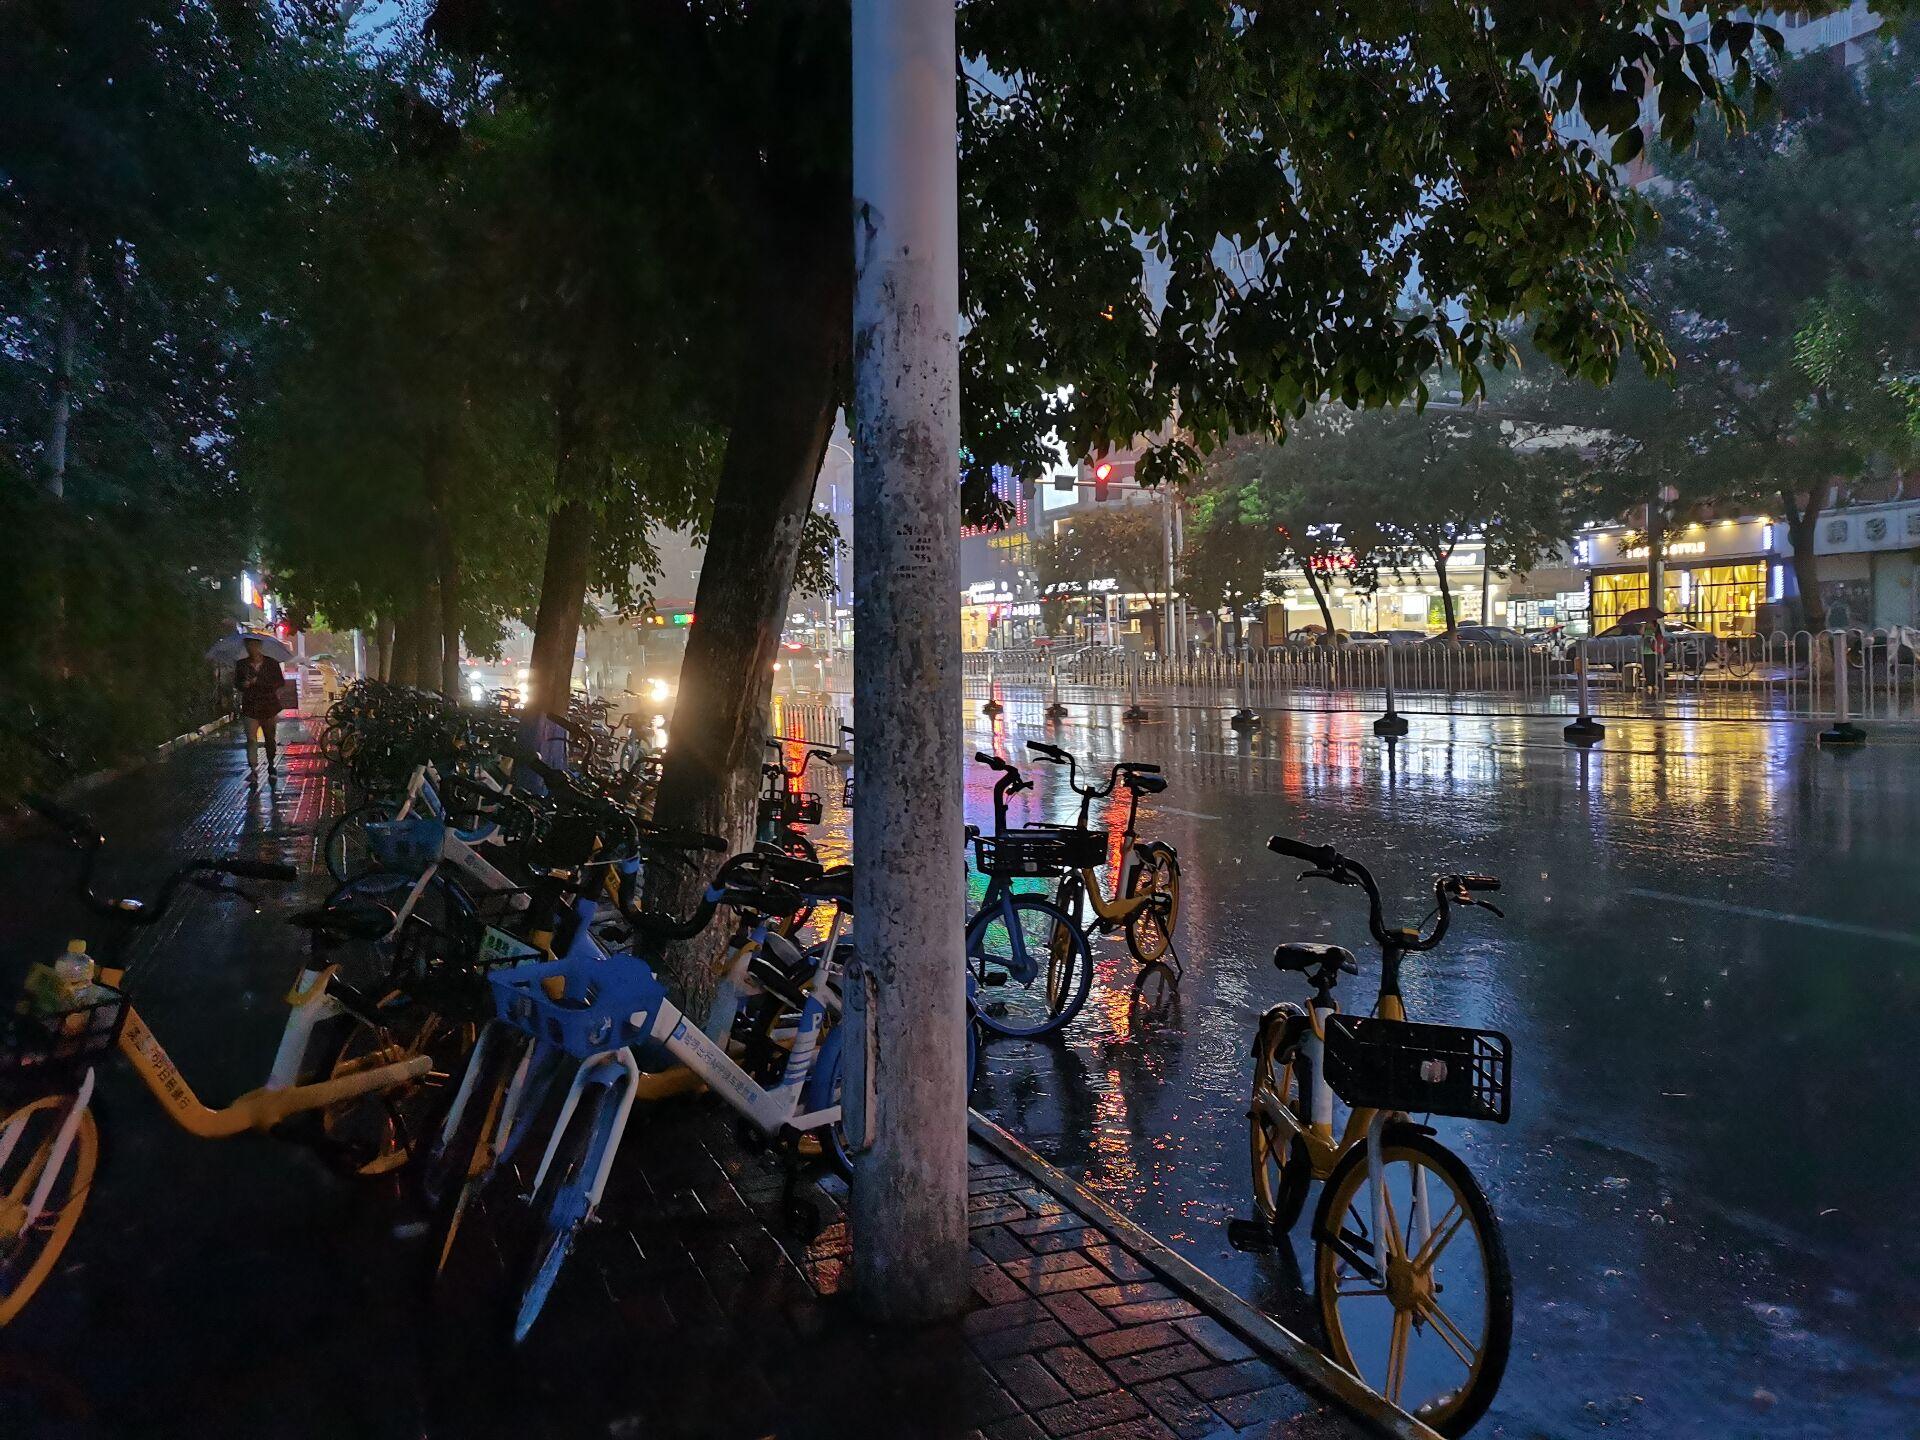 卖surface的雨夜.jpg